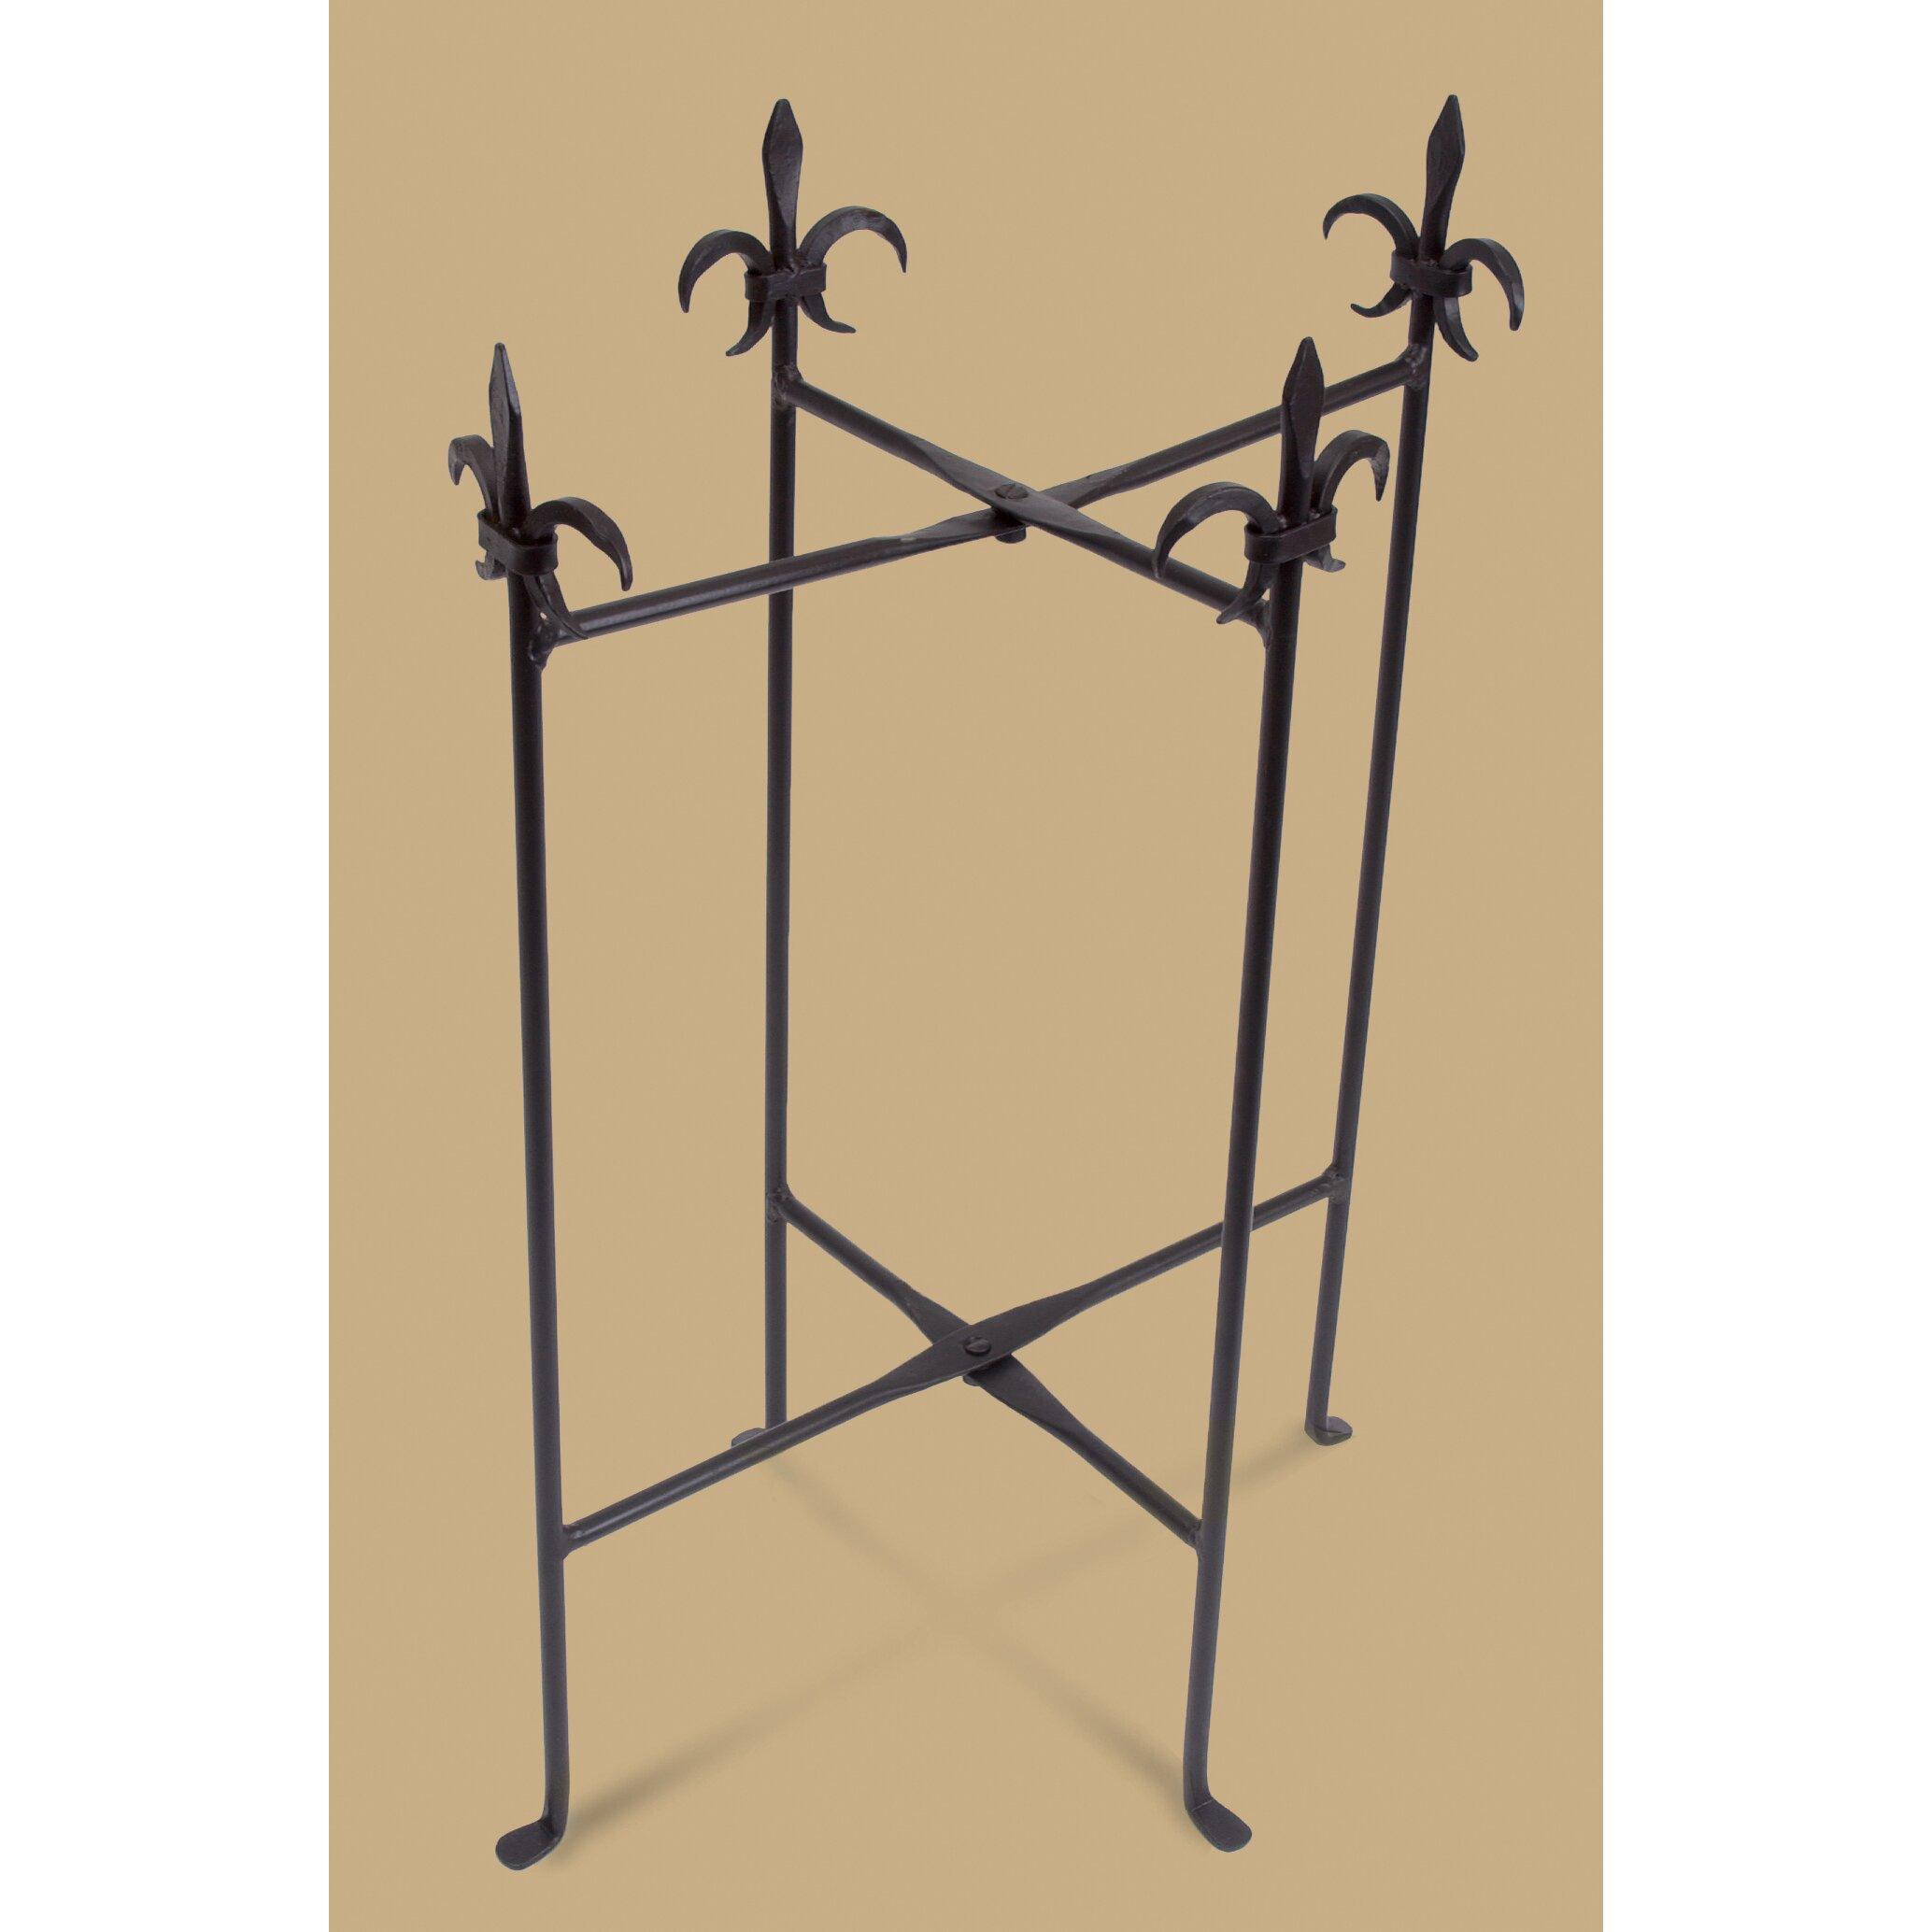 kindwer fleur de lis stand for tubs wayfair. Black Bedroom Furniture Sets. Home Design Ideas